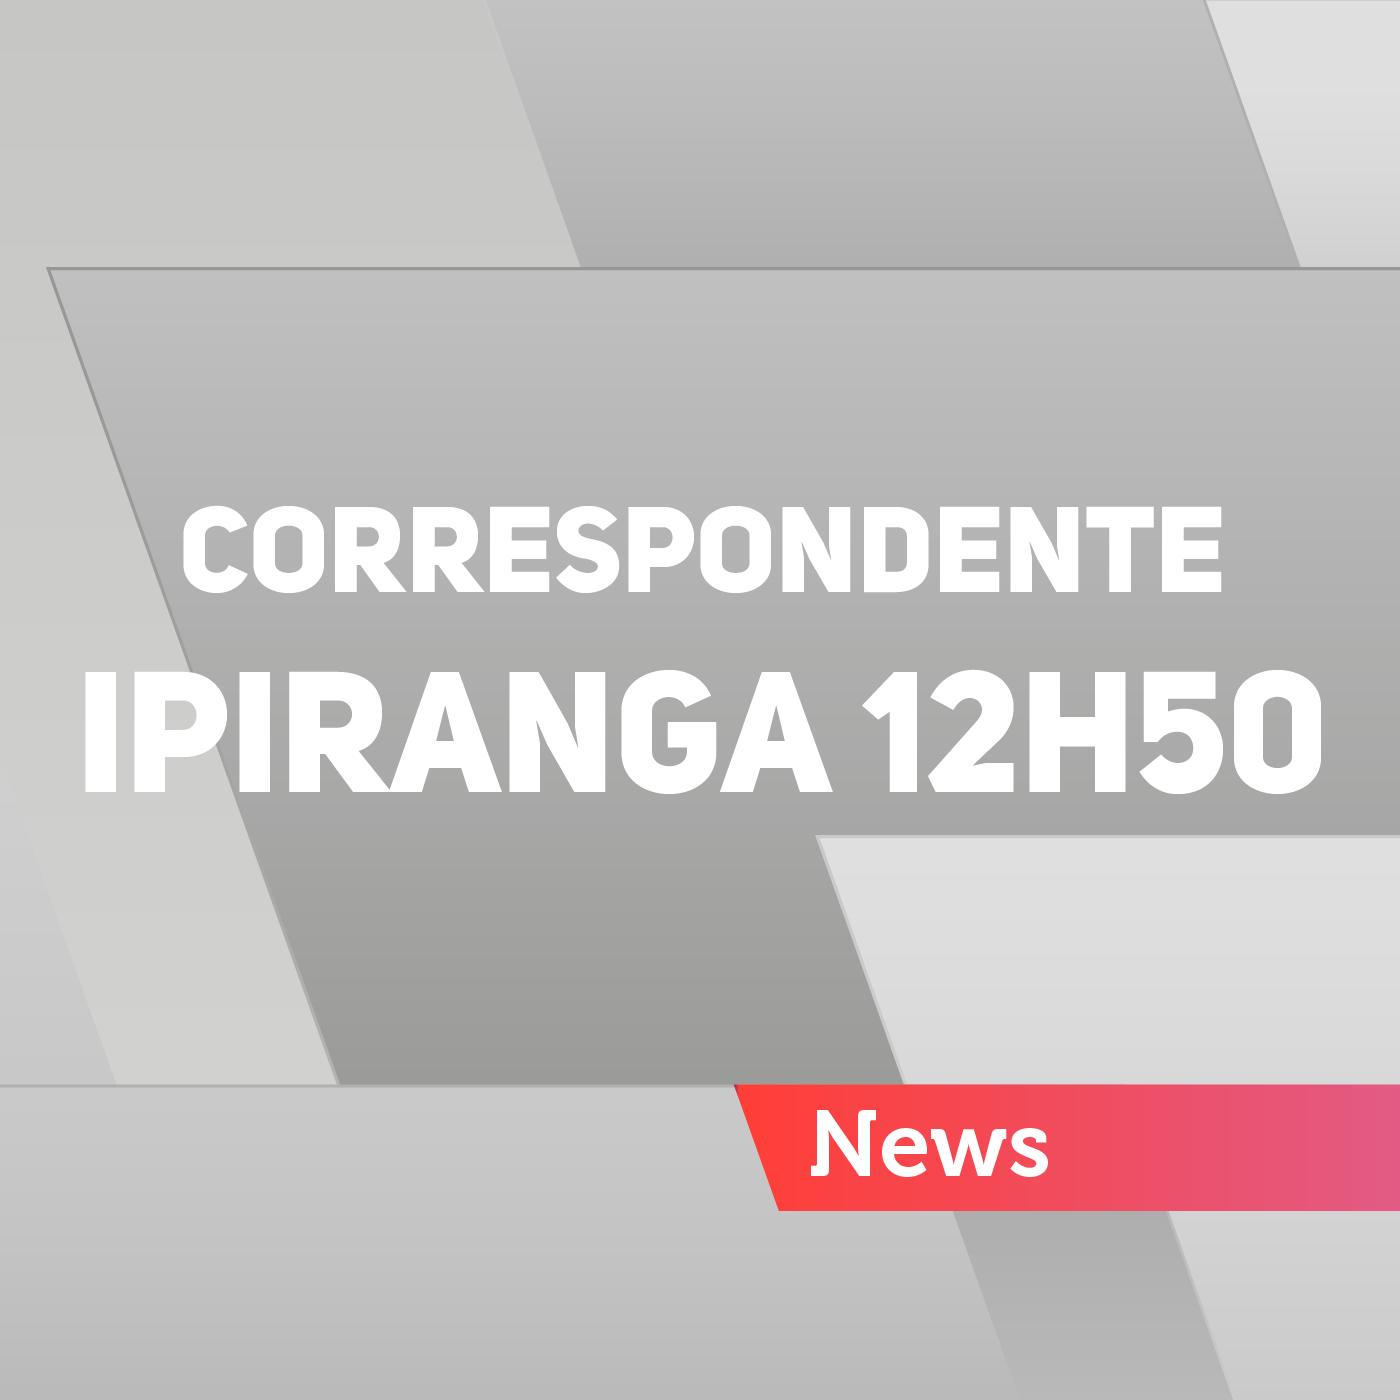 Correspondente Ipiranga 12h50 – 22/04/2017